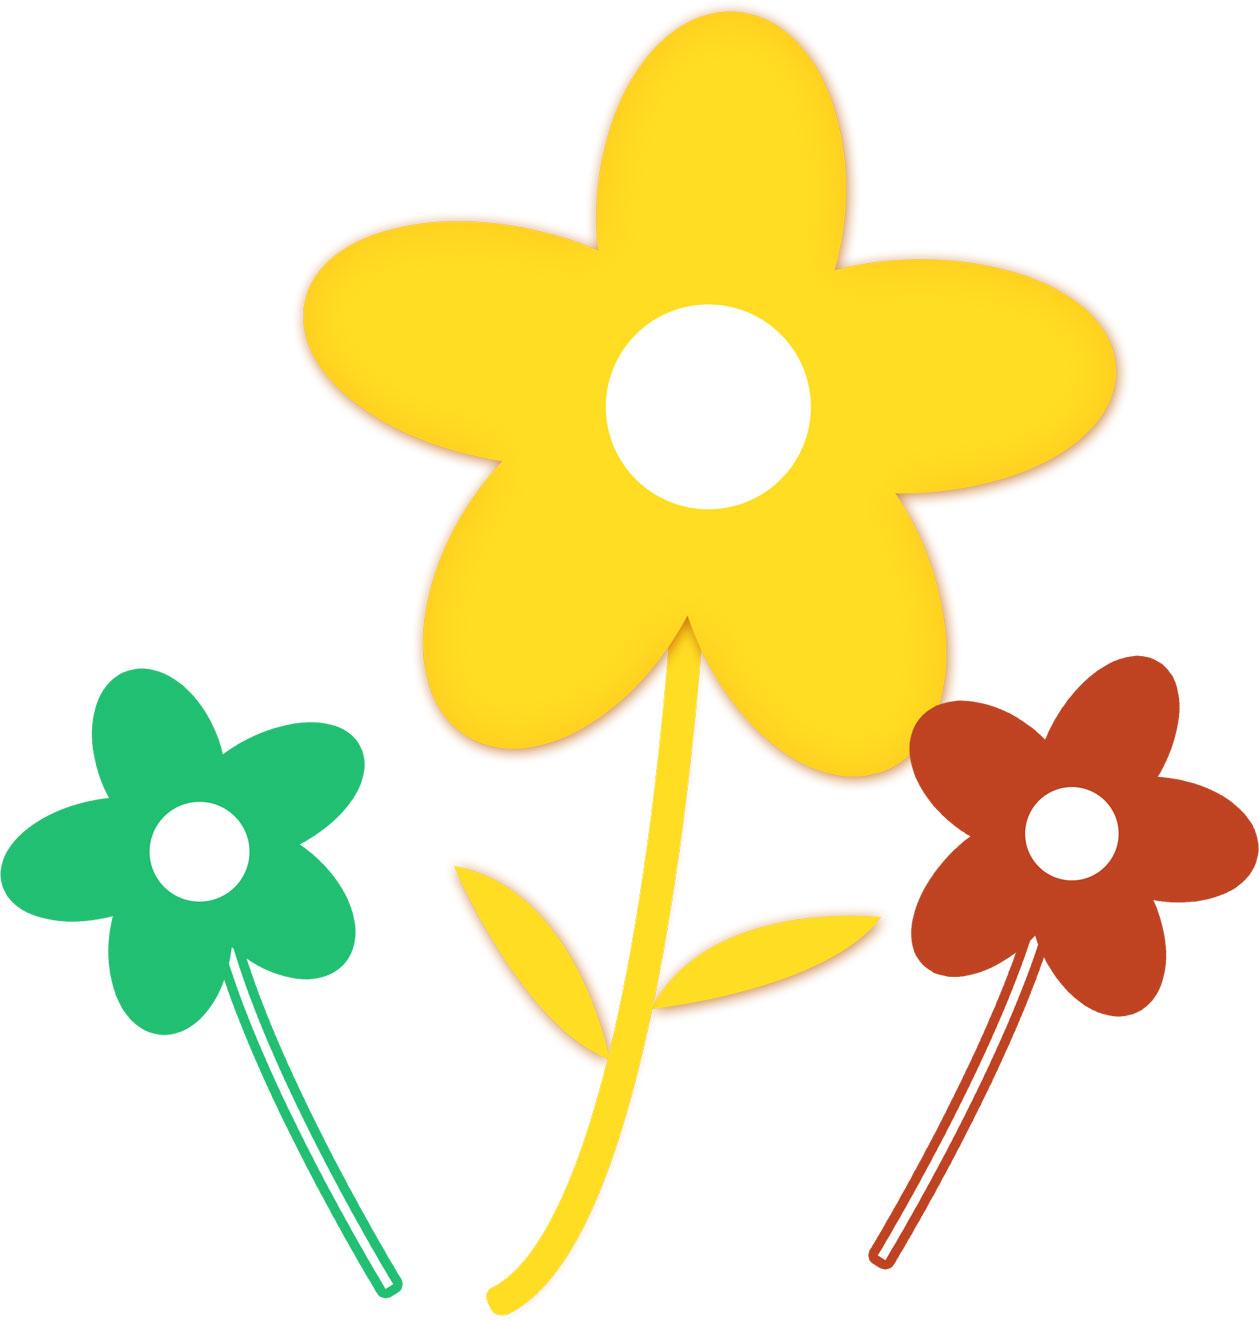 ポップでかわいい花のイラスト・フリー素材/no.007『ポップな花』